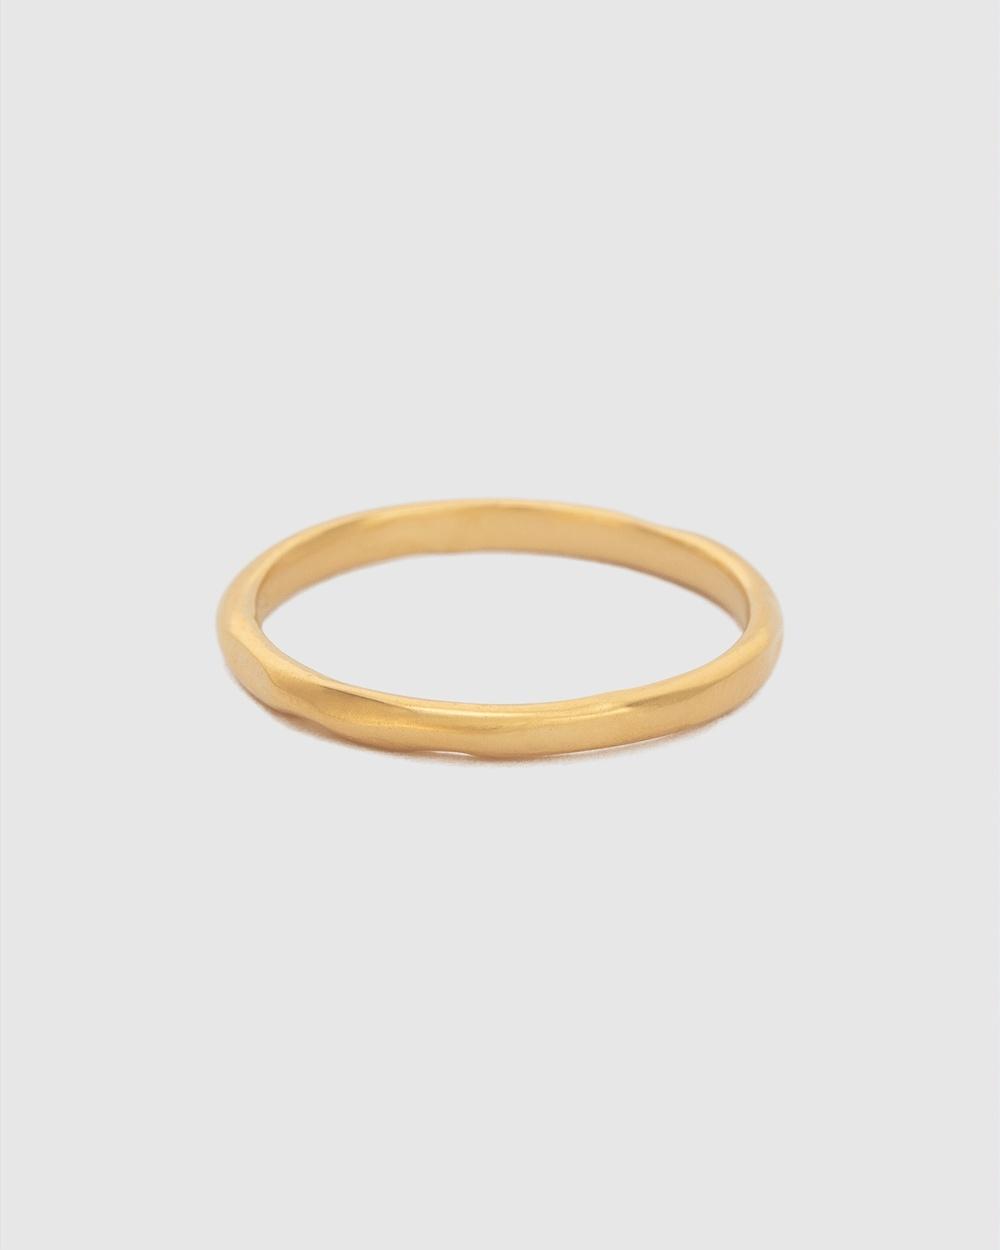 Kirstin Ash Renewal Stacking Ring Jewellery Gold